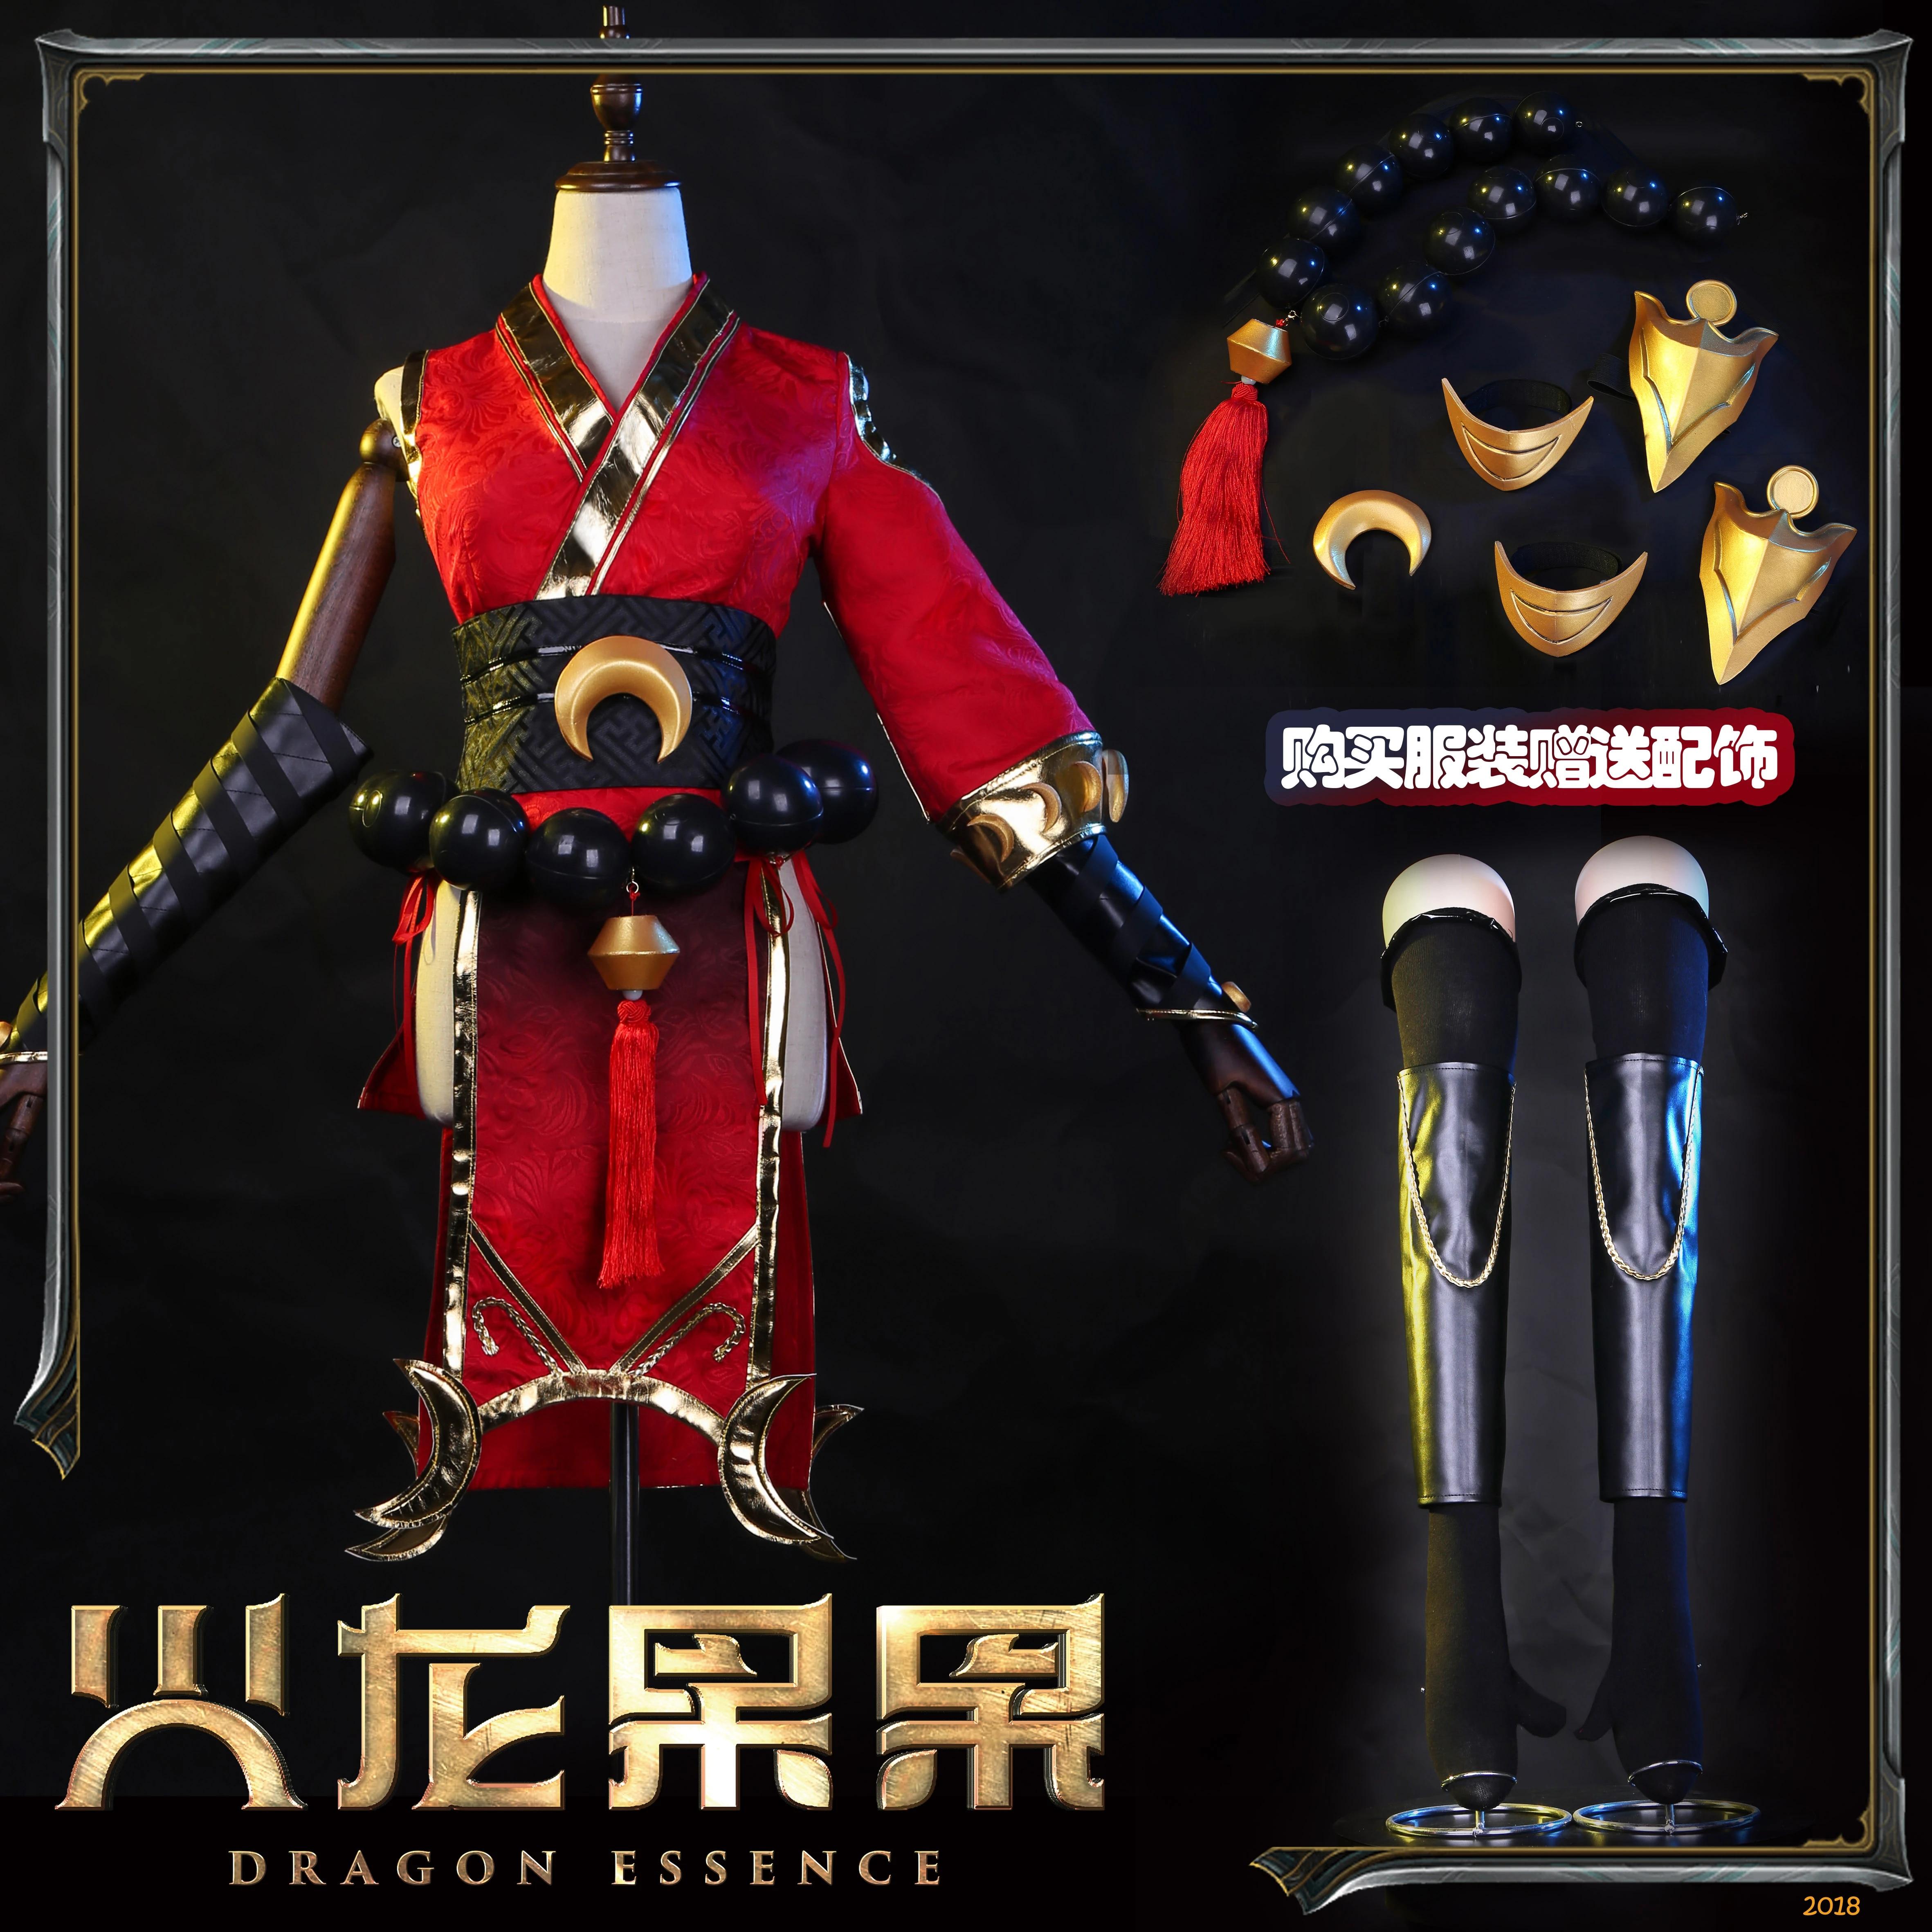 Disesuaikan Permainan Lol Bulan Darah Sivir Kulit Baru Seragam Full Set Cosplay Kostum Wanita Halloween Gratis Pengiriman 2020 Baru Anime Costumes Aliexpress